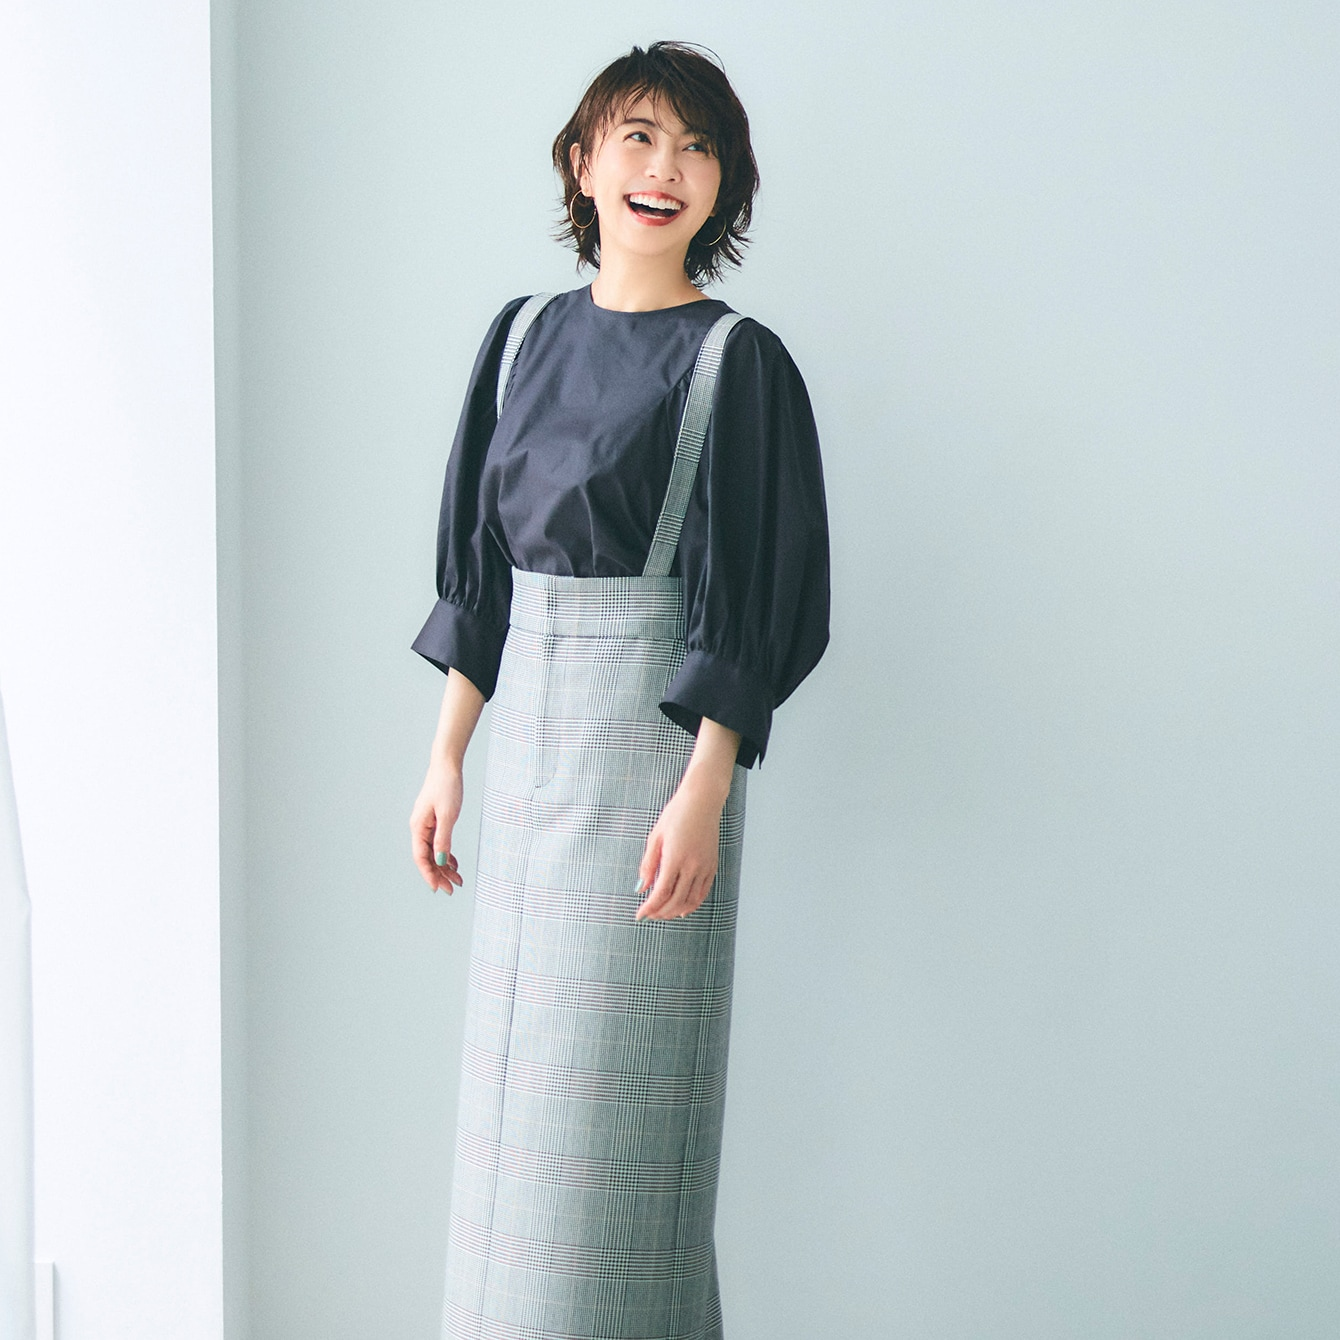 子どもっぽいと避けてきたチェック柄スカートに挑戦【小林麻耶さん】